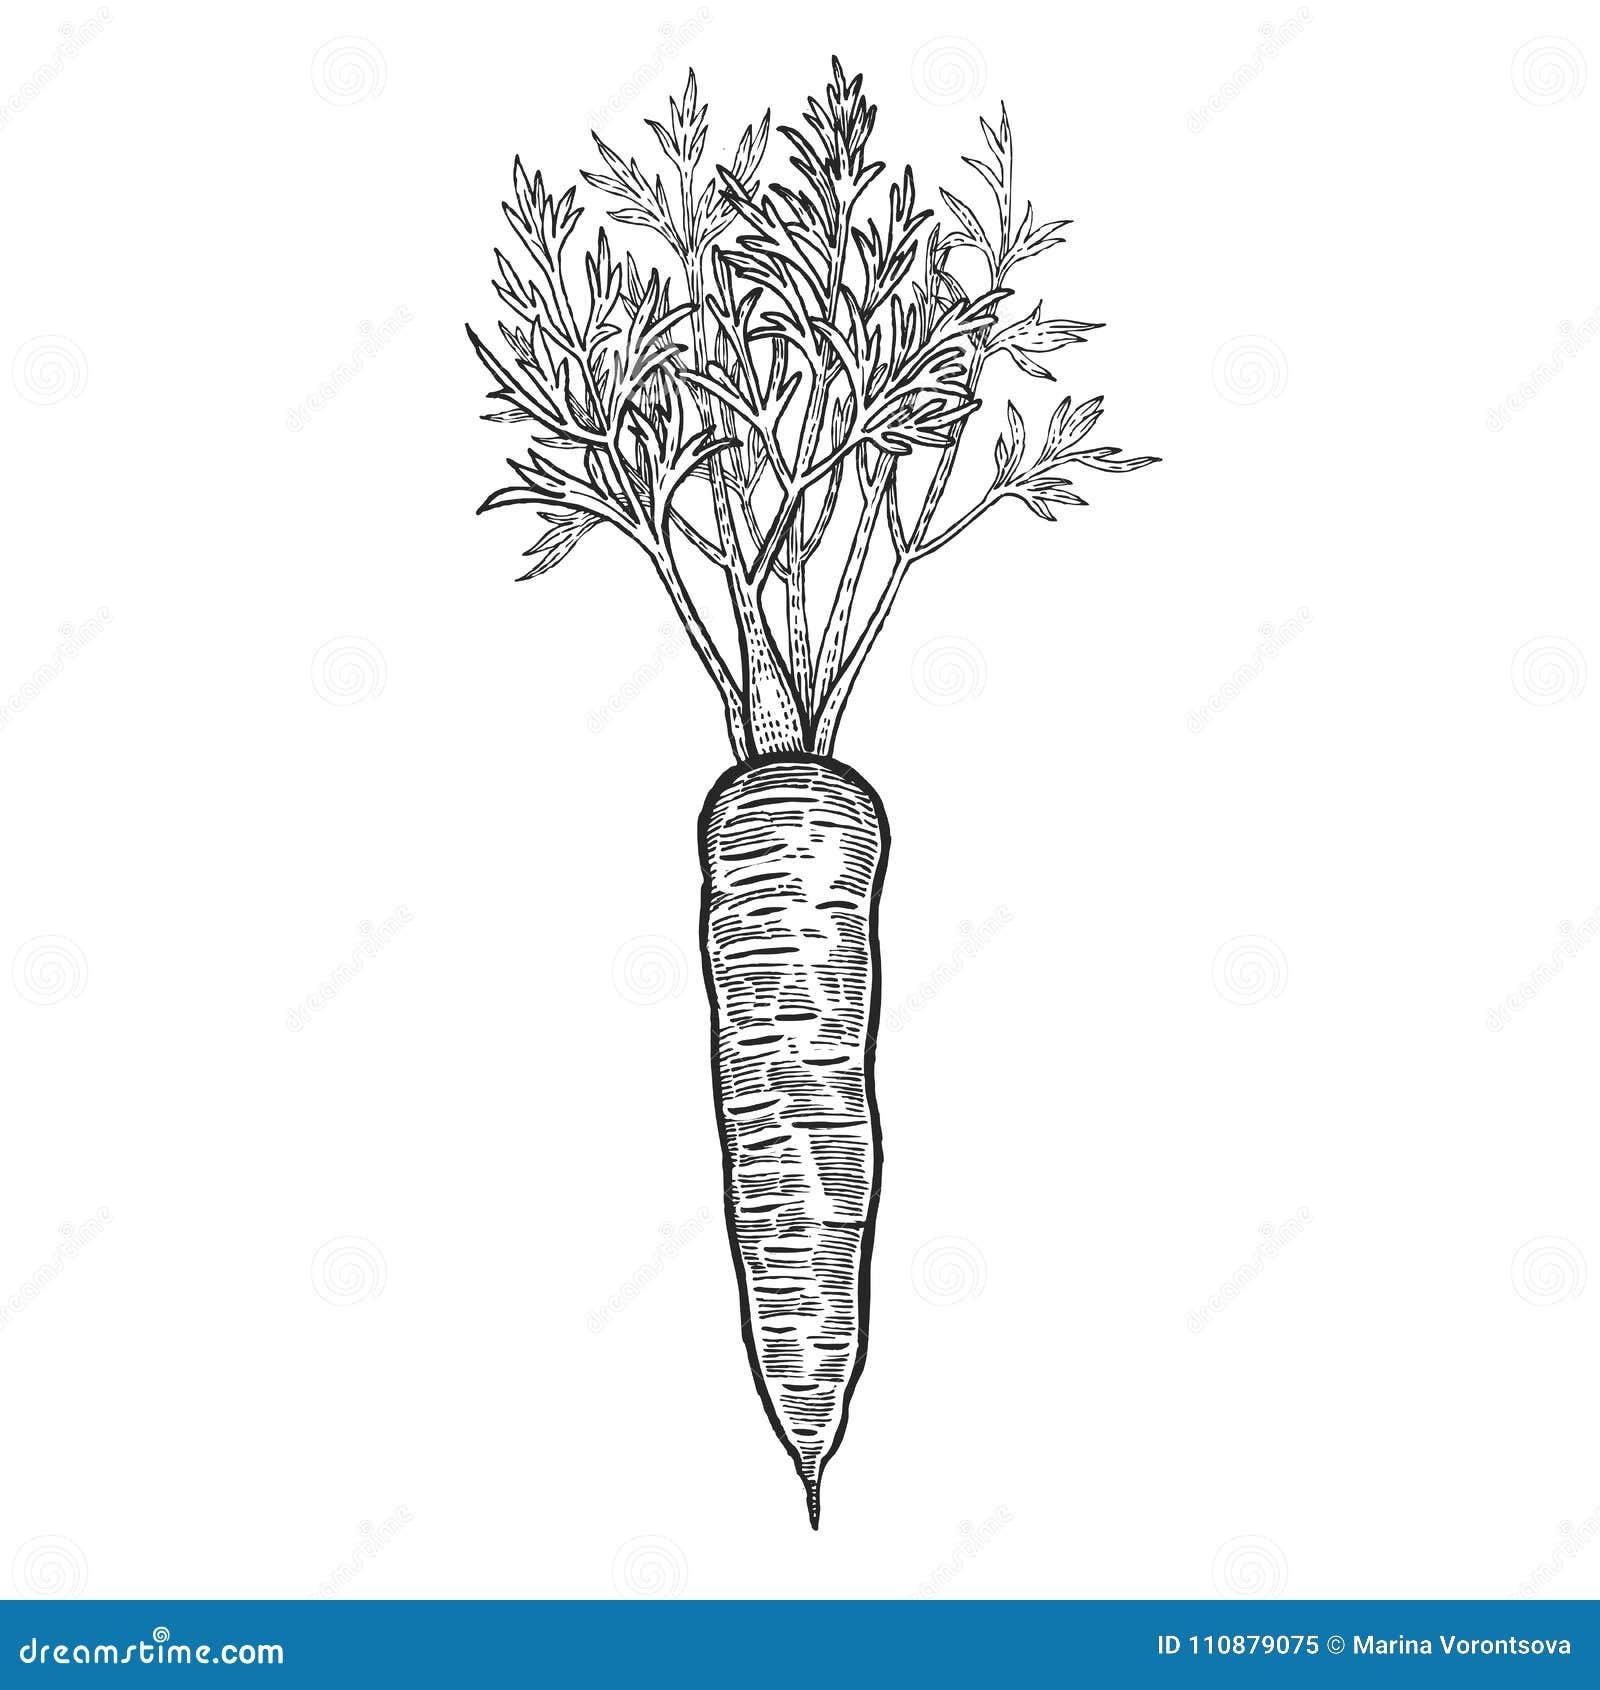 Verdura De La Zanahoria Del Dibujo De La Mano Ilustracion Del Vector Ilustracion De Mano Zanahoria 110879075 Aprende a dibujar una zanahoria a lápiz (+ colorear). https es dreamstime com verdura de la zanahoria del dibujo mano image110879075